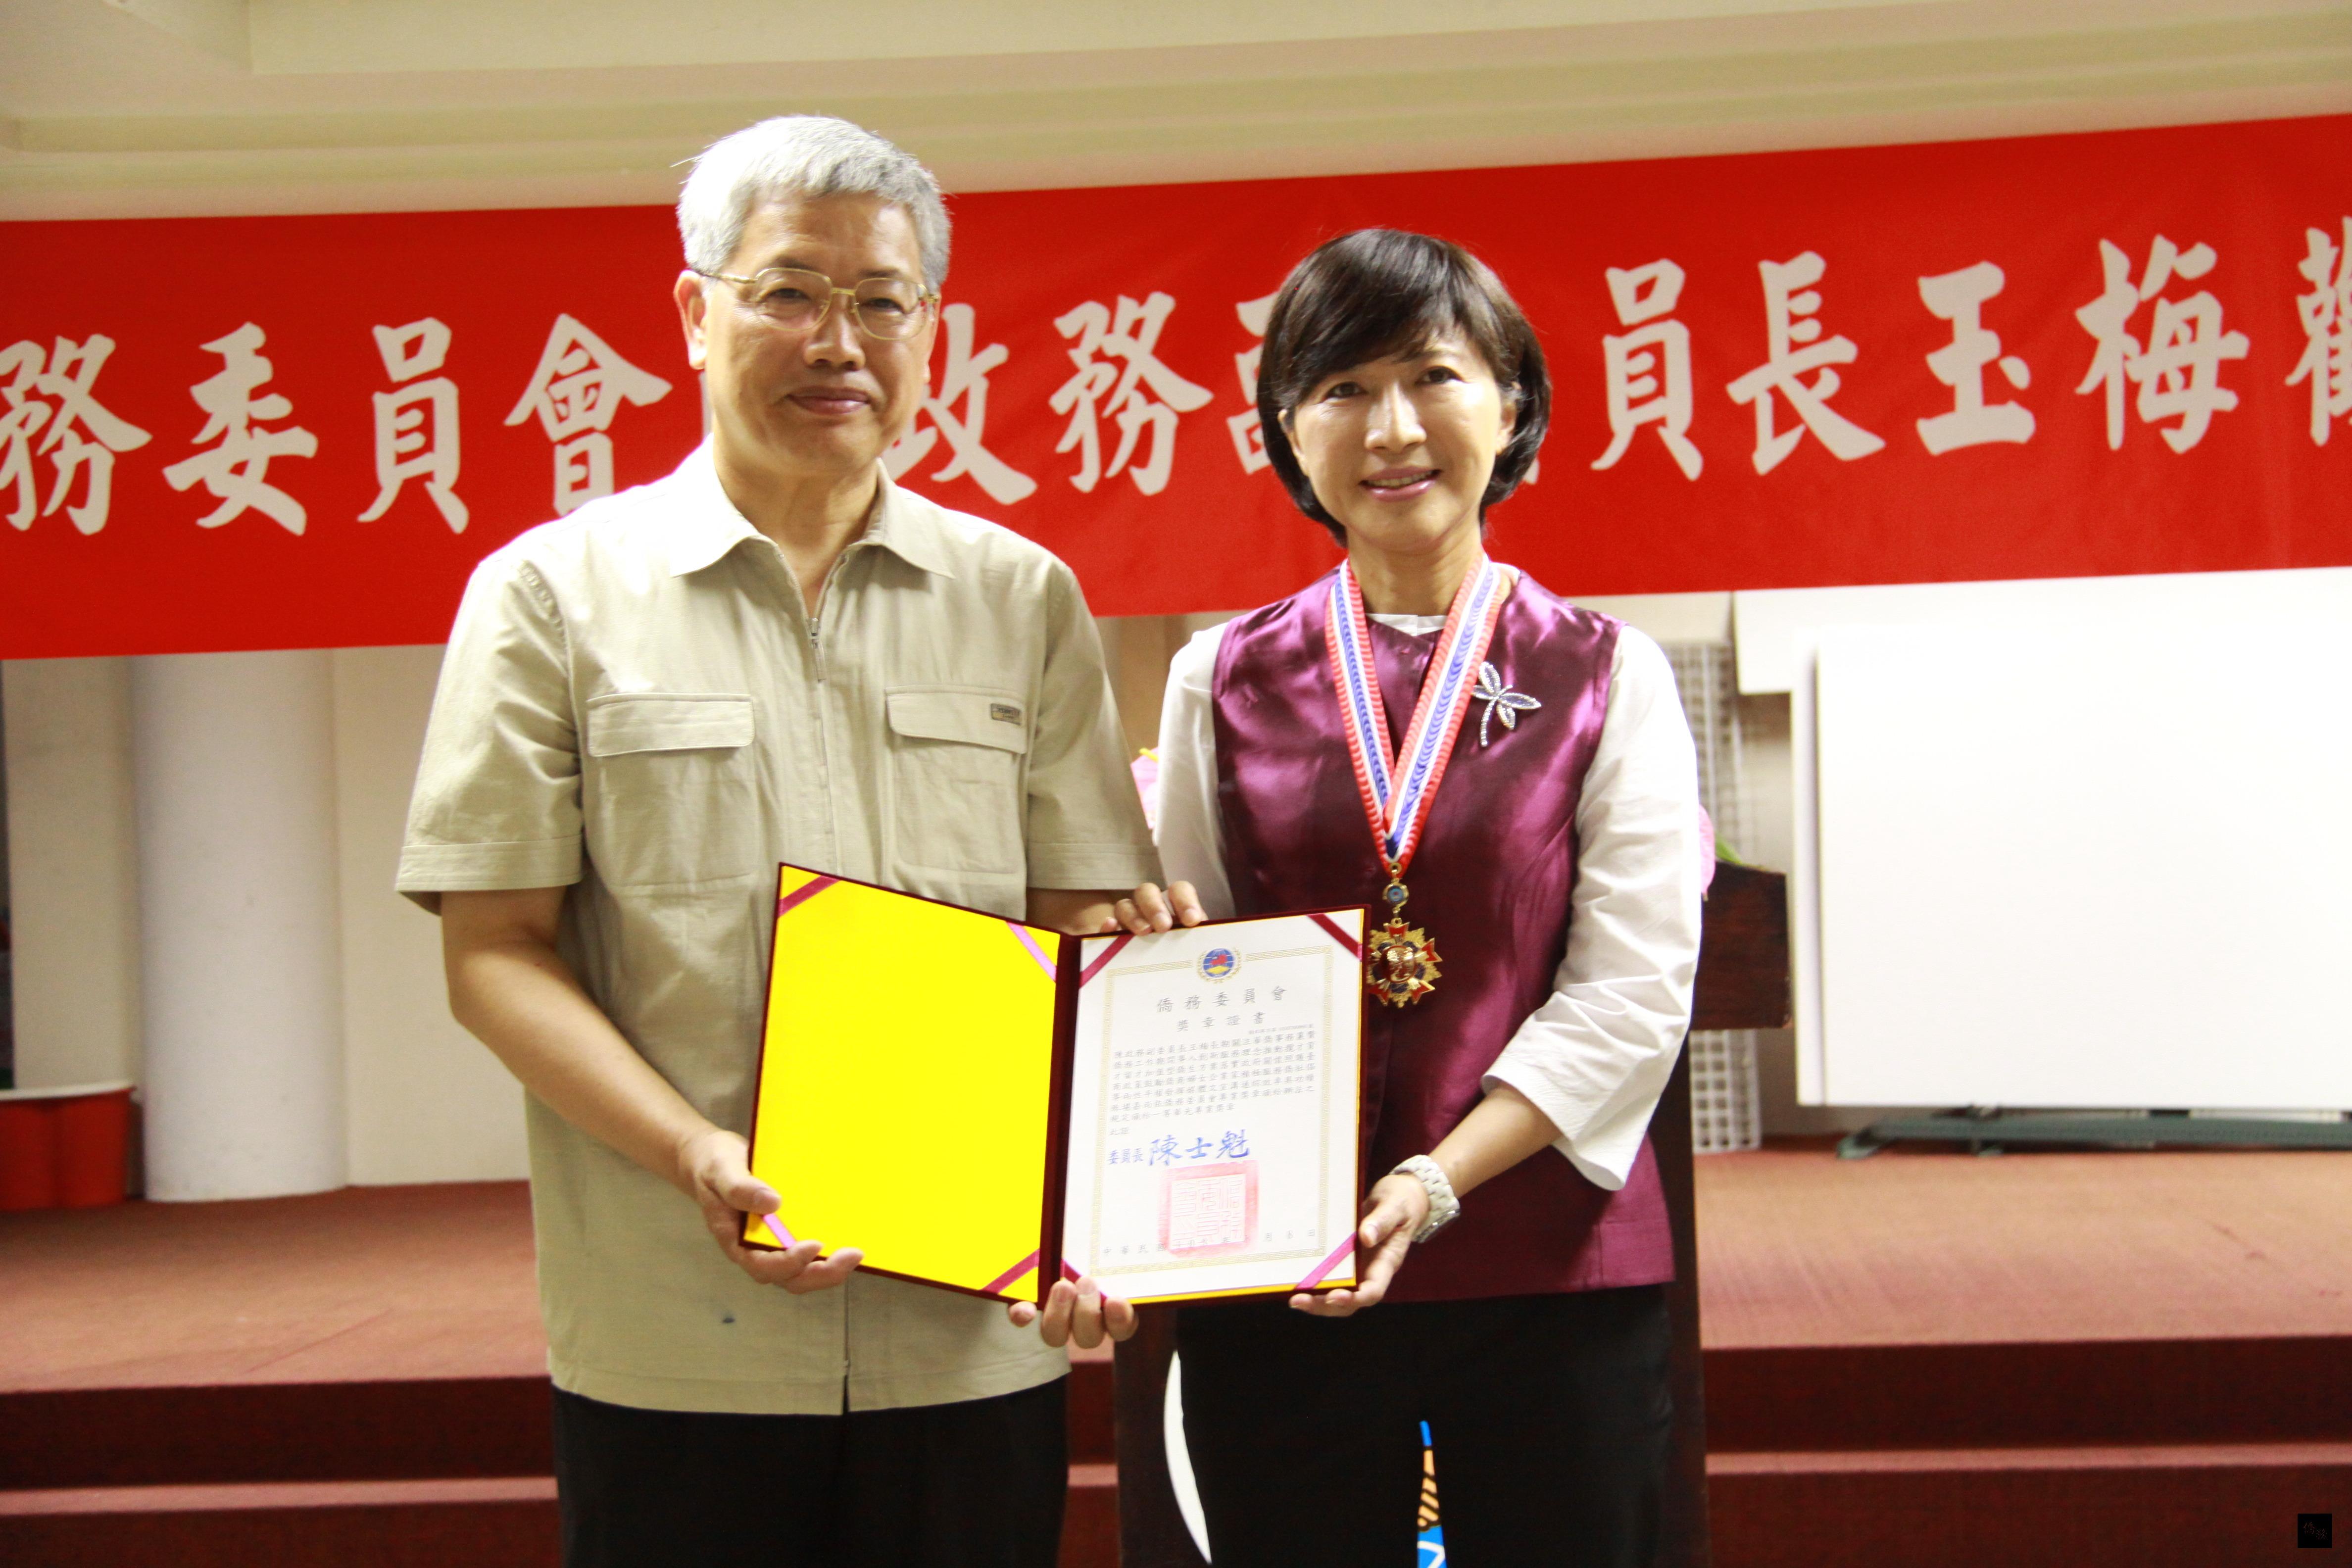 僑委會委員長陳士魁(左)頒發一等華光獎章及證書給副委員長陳玉梅(右)。